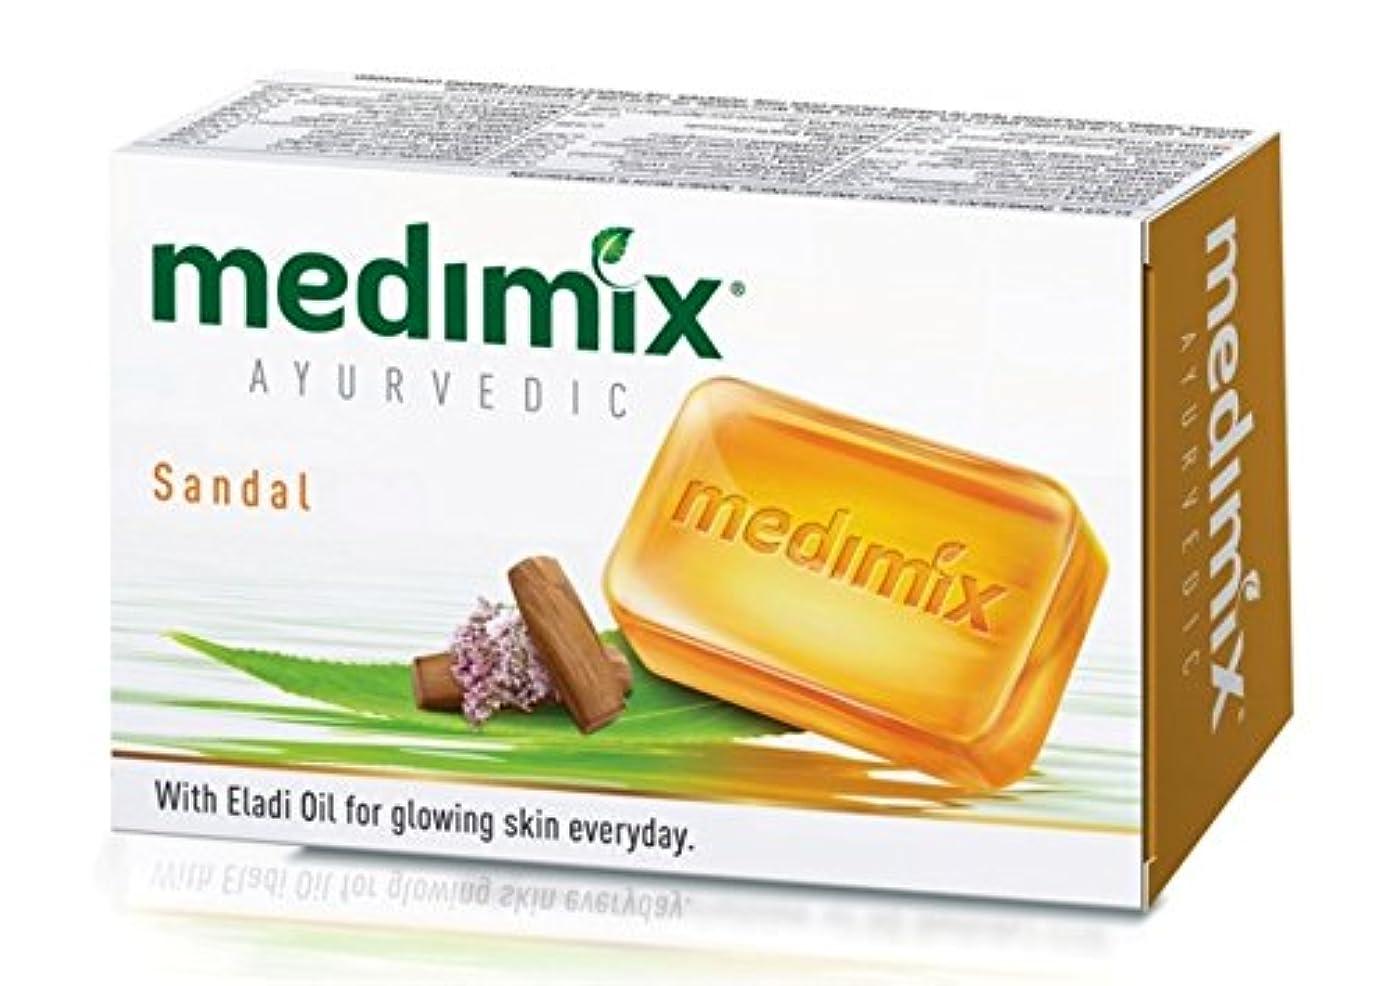 養う養うしたがって【medimix国内正規品】メディミックス Sandal ハーブから作られたオーガニック石鹸